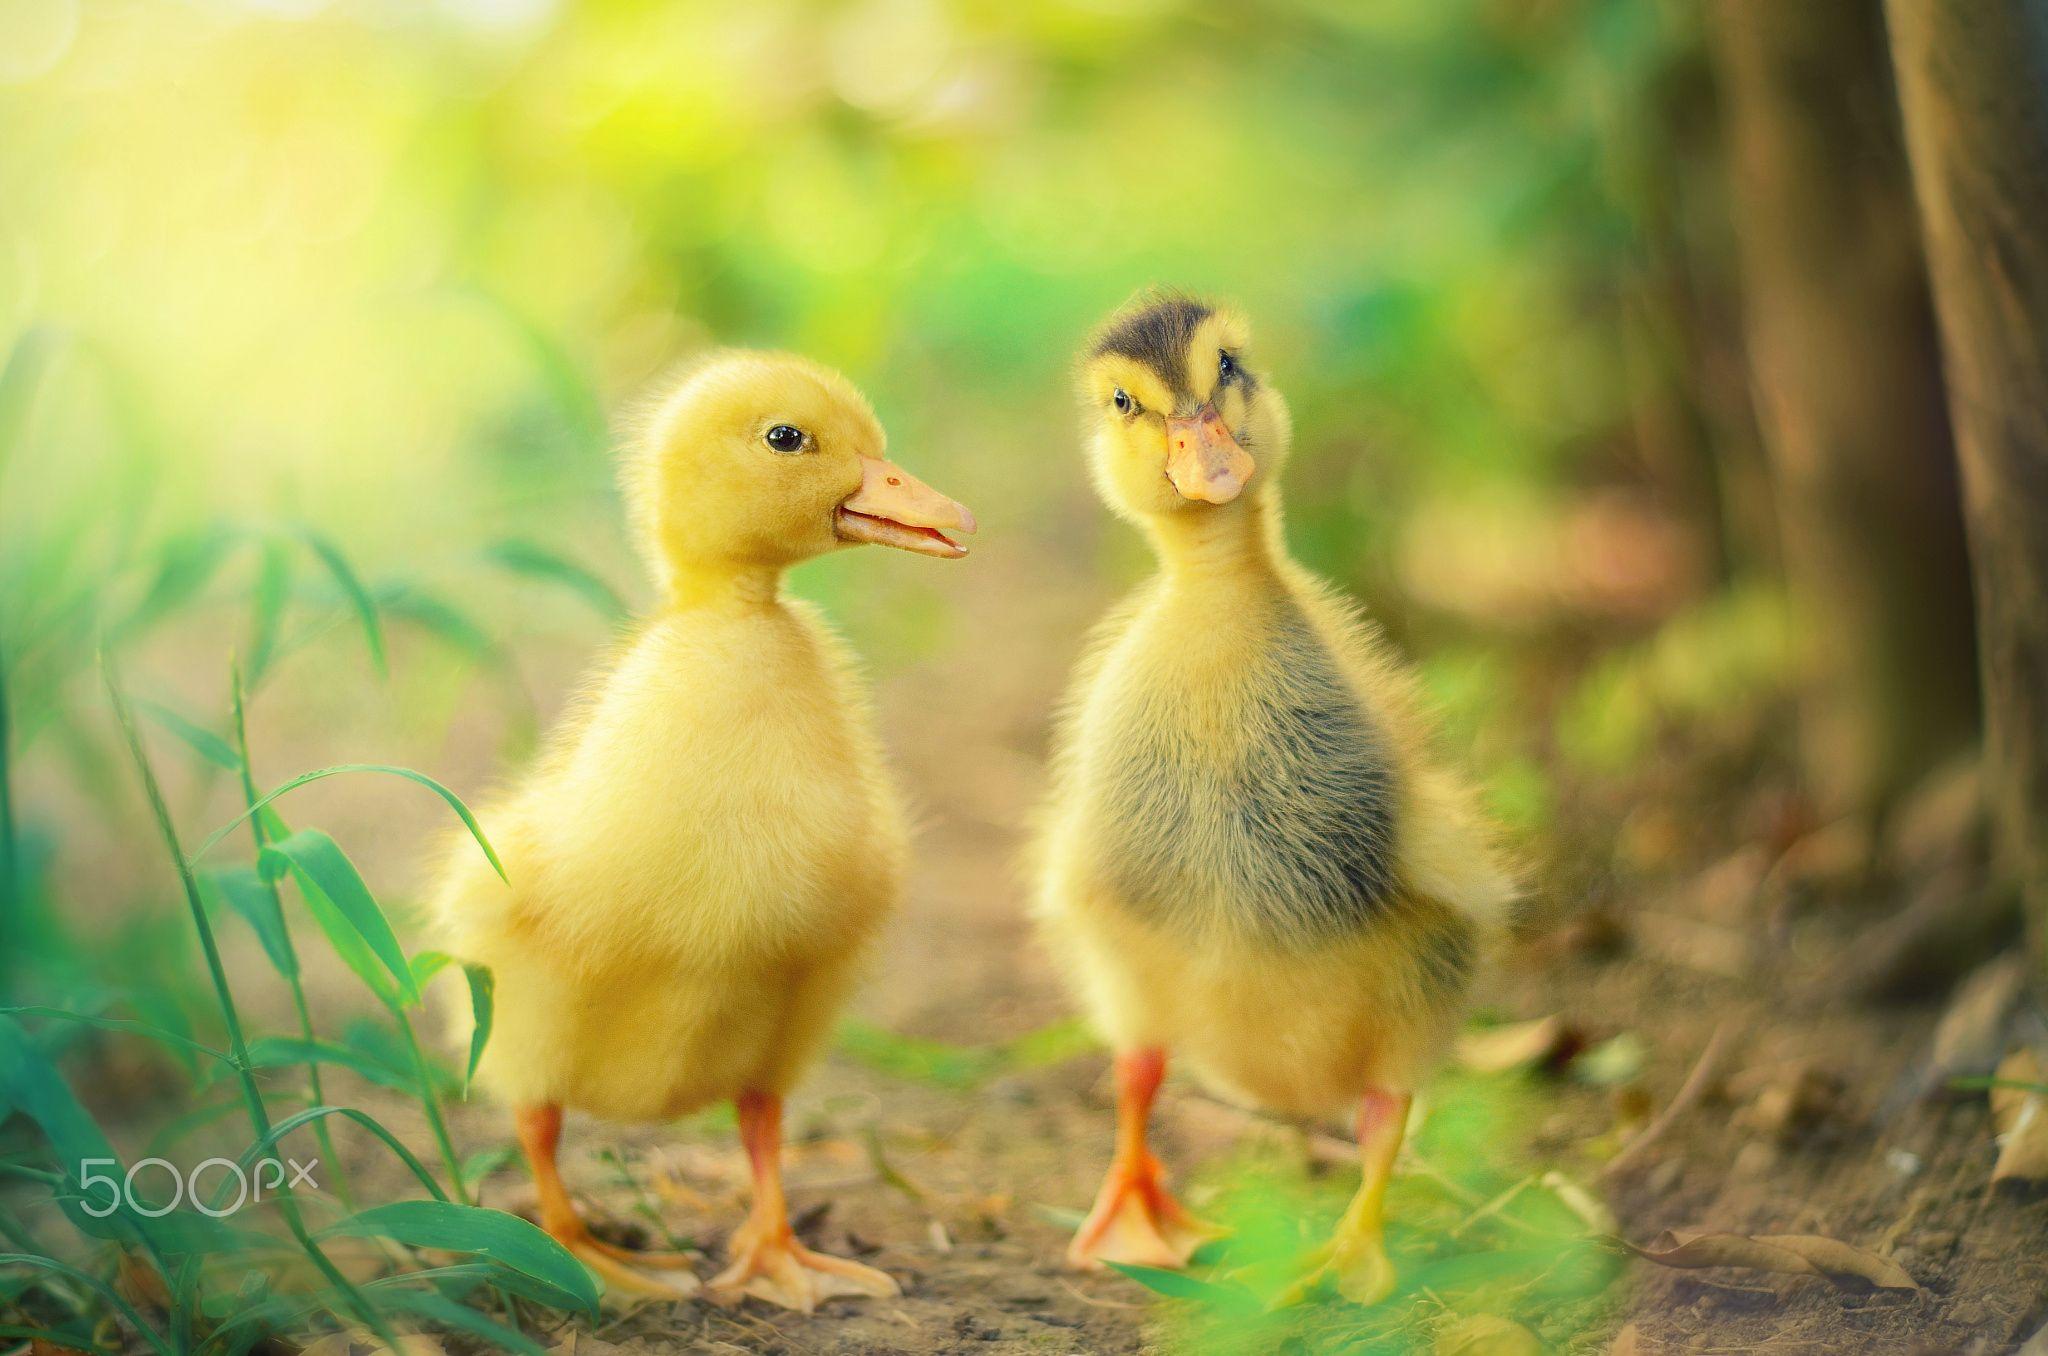 cute ducks by Sinan Kaymak on 500px